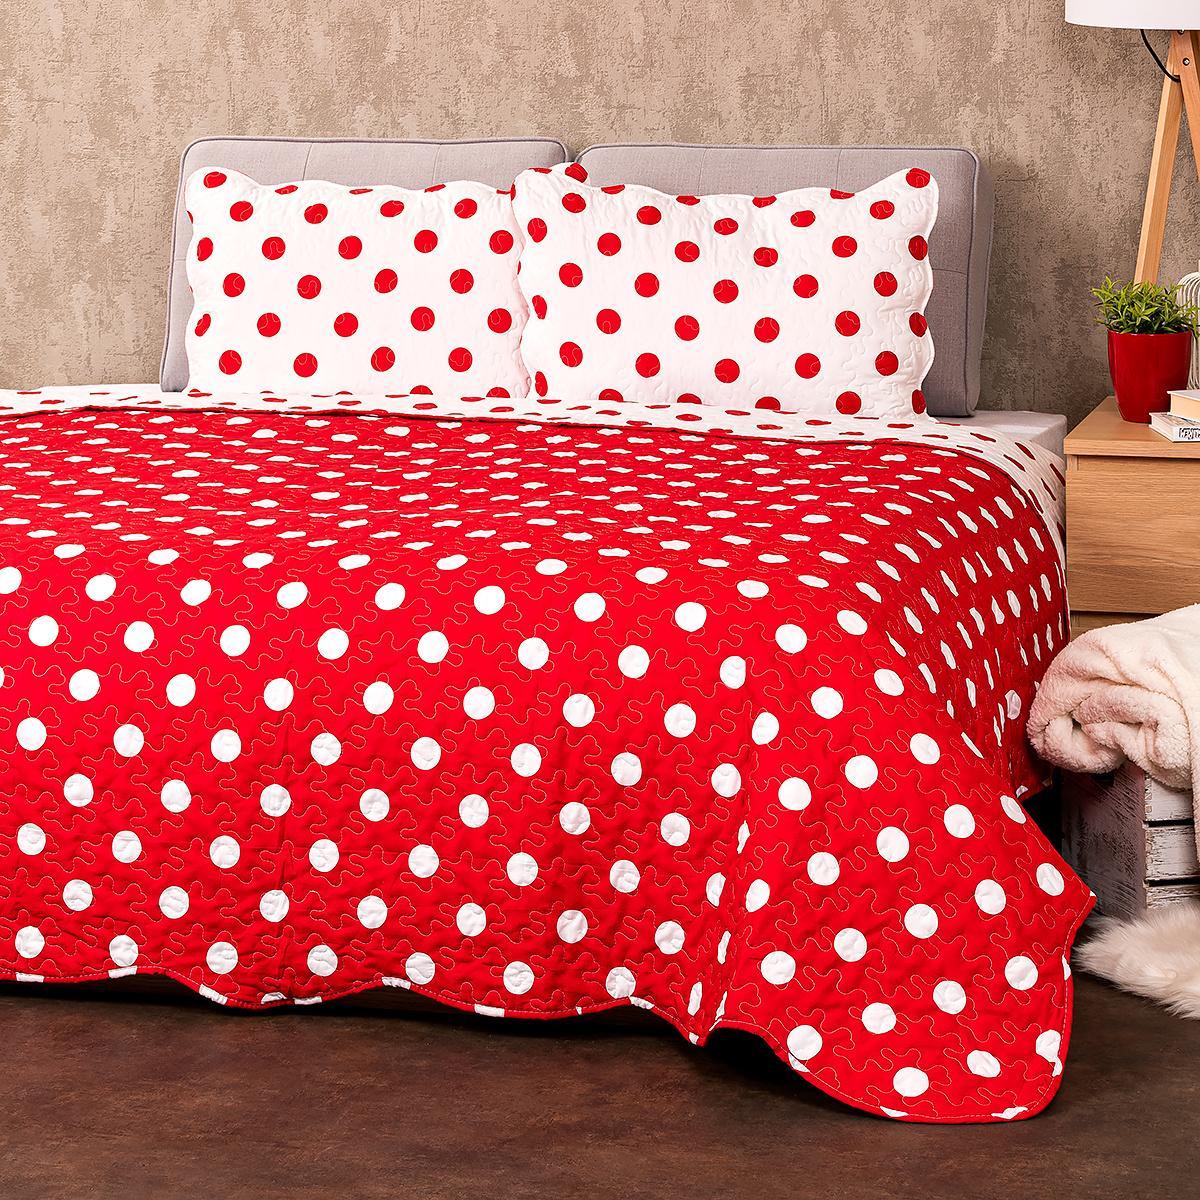 4Home Prehoz na posteľ Červená bodka, 220 x 240 cm, 2 ks 50 x 70 cm